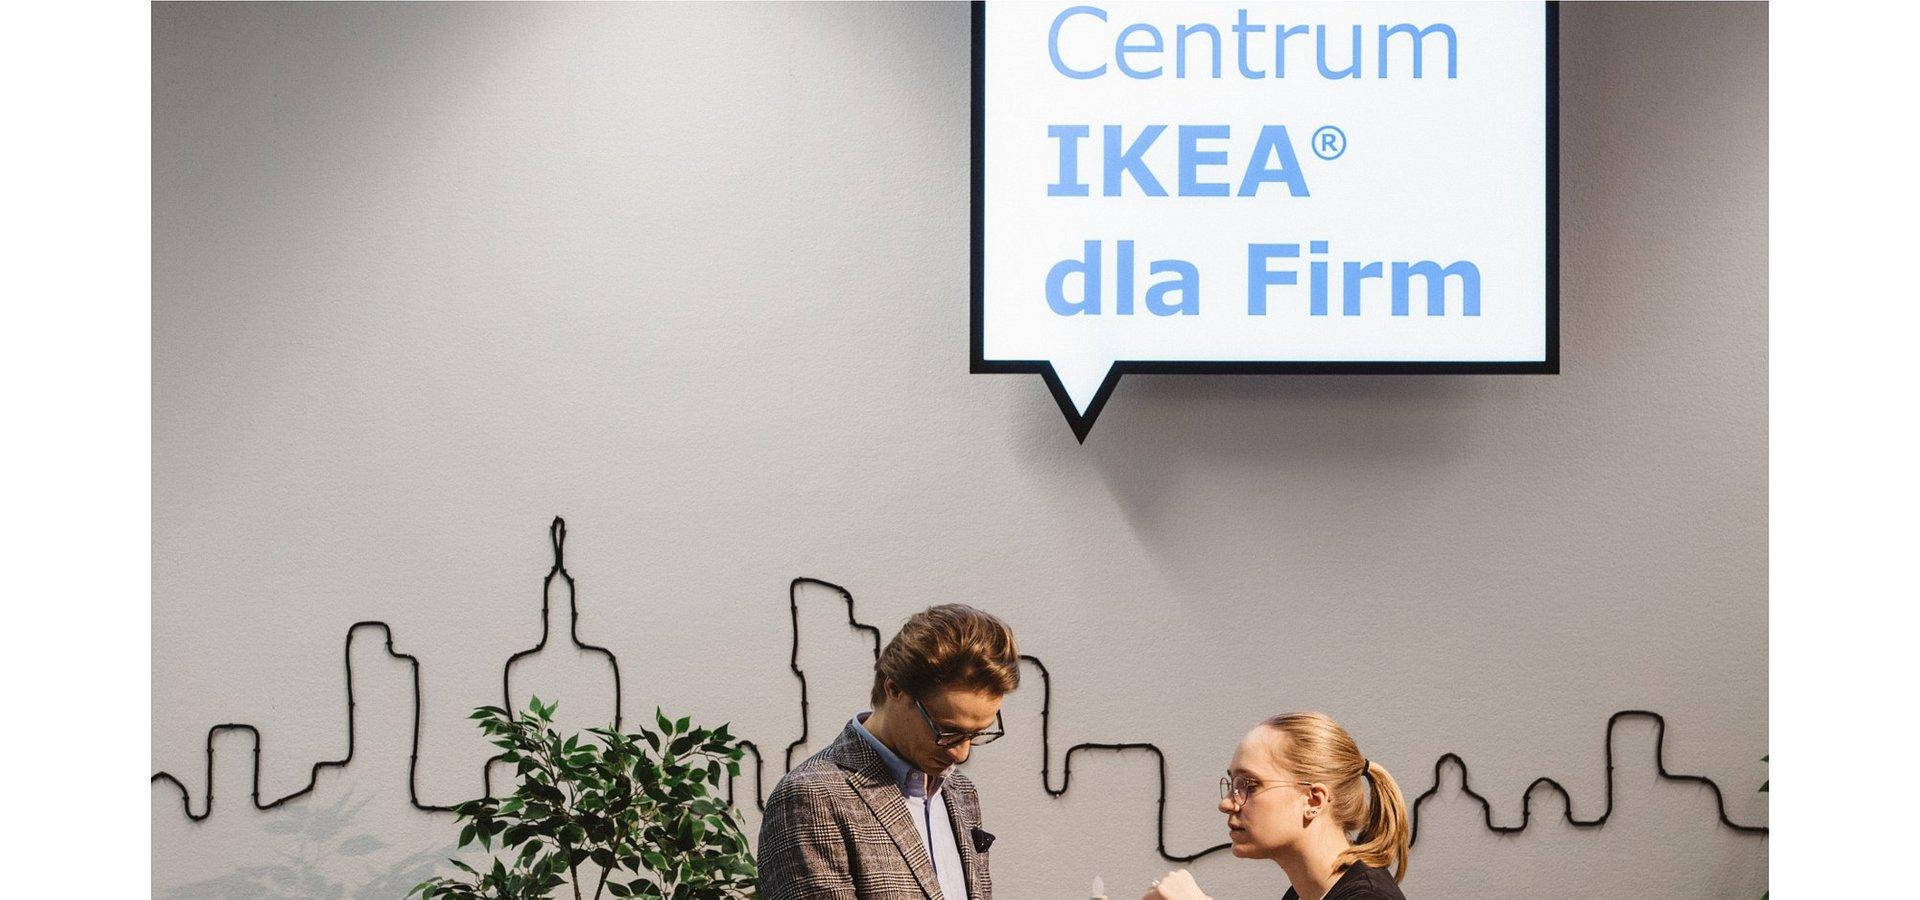 Centrum IKEA dla Firm w nowym wydaniu